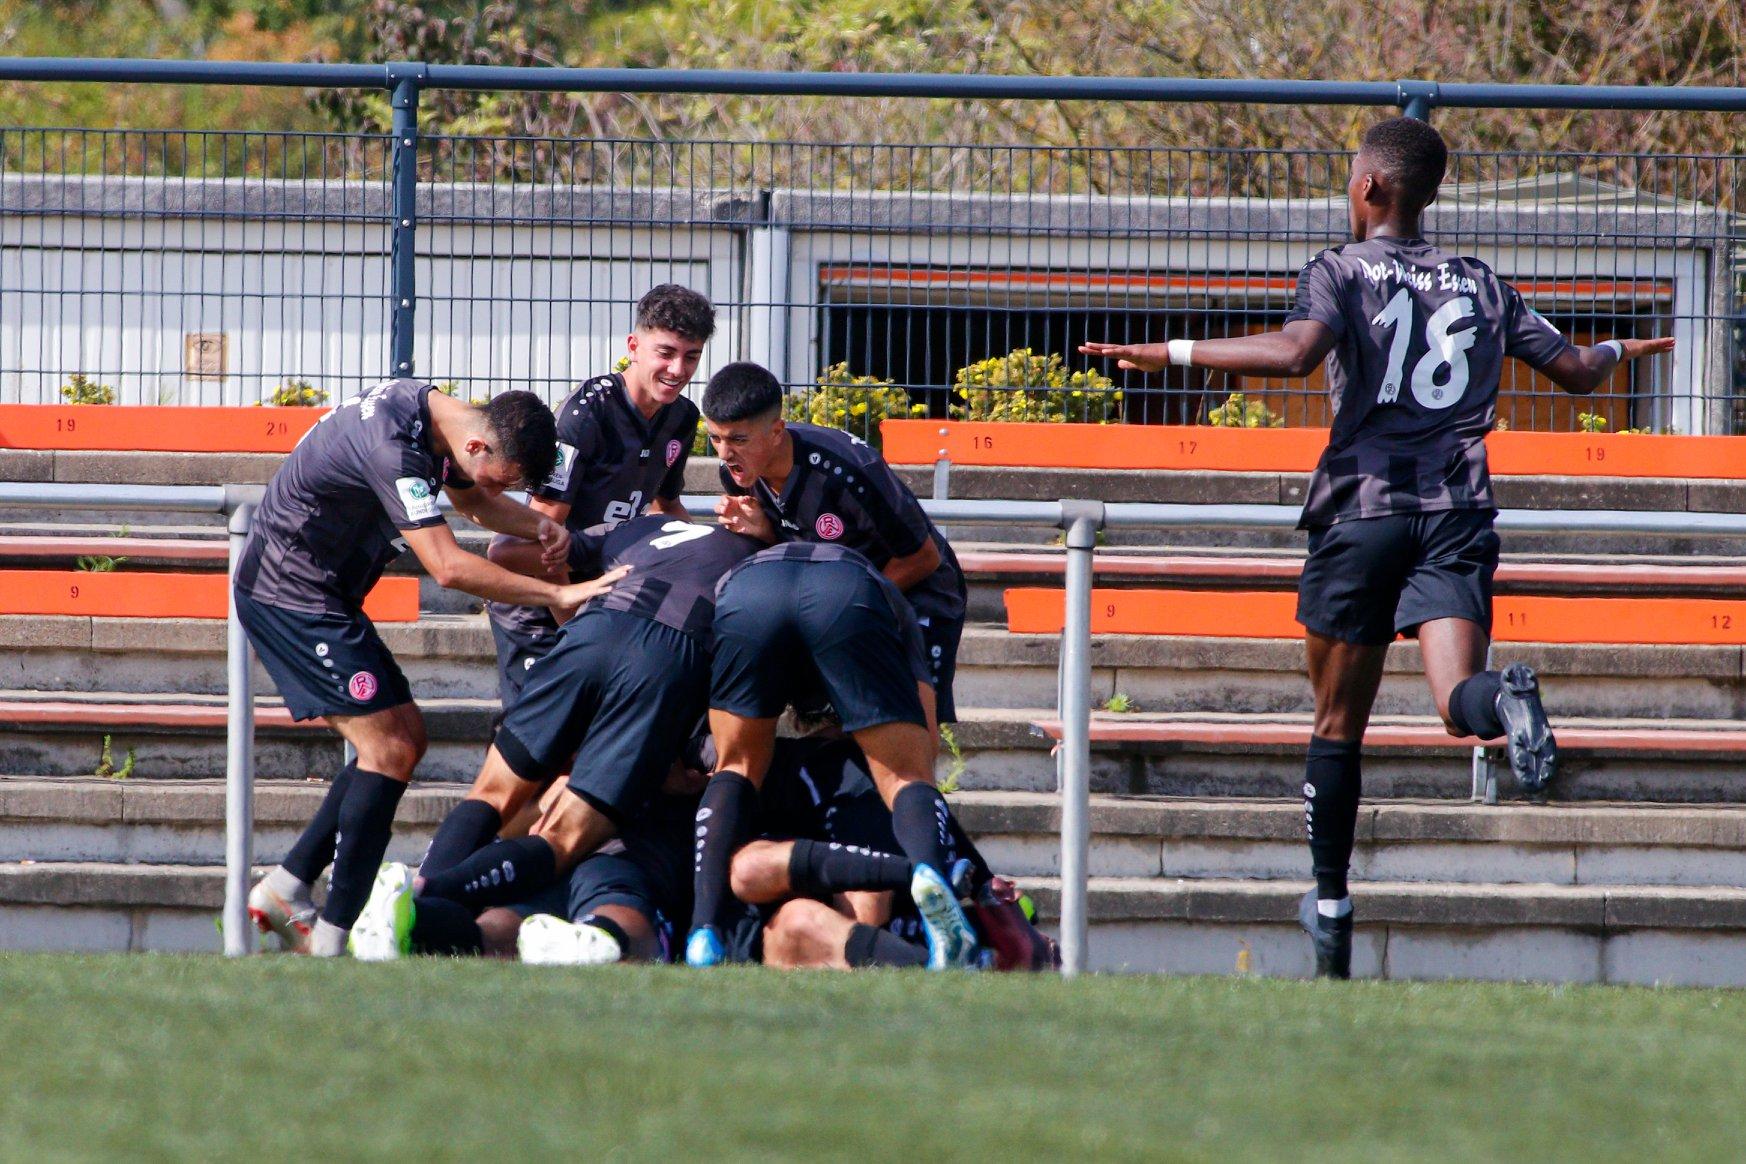 Die U19 schlägt den FSV Duisburg deutlich. (Foto:Breilmannswiese)